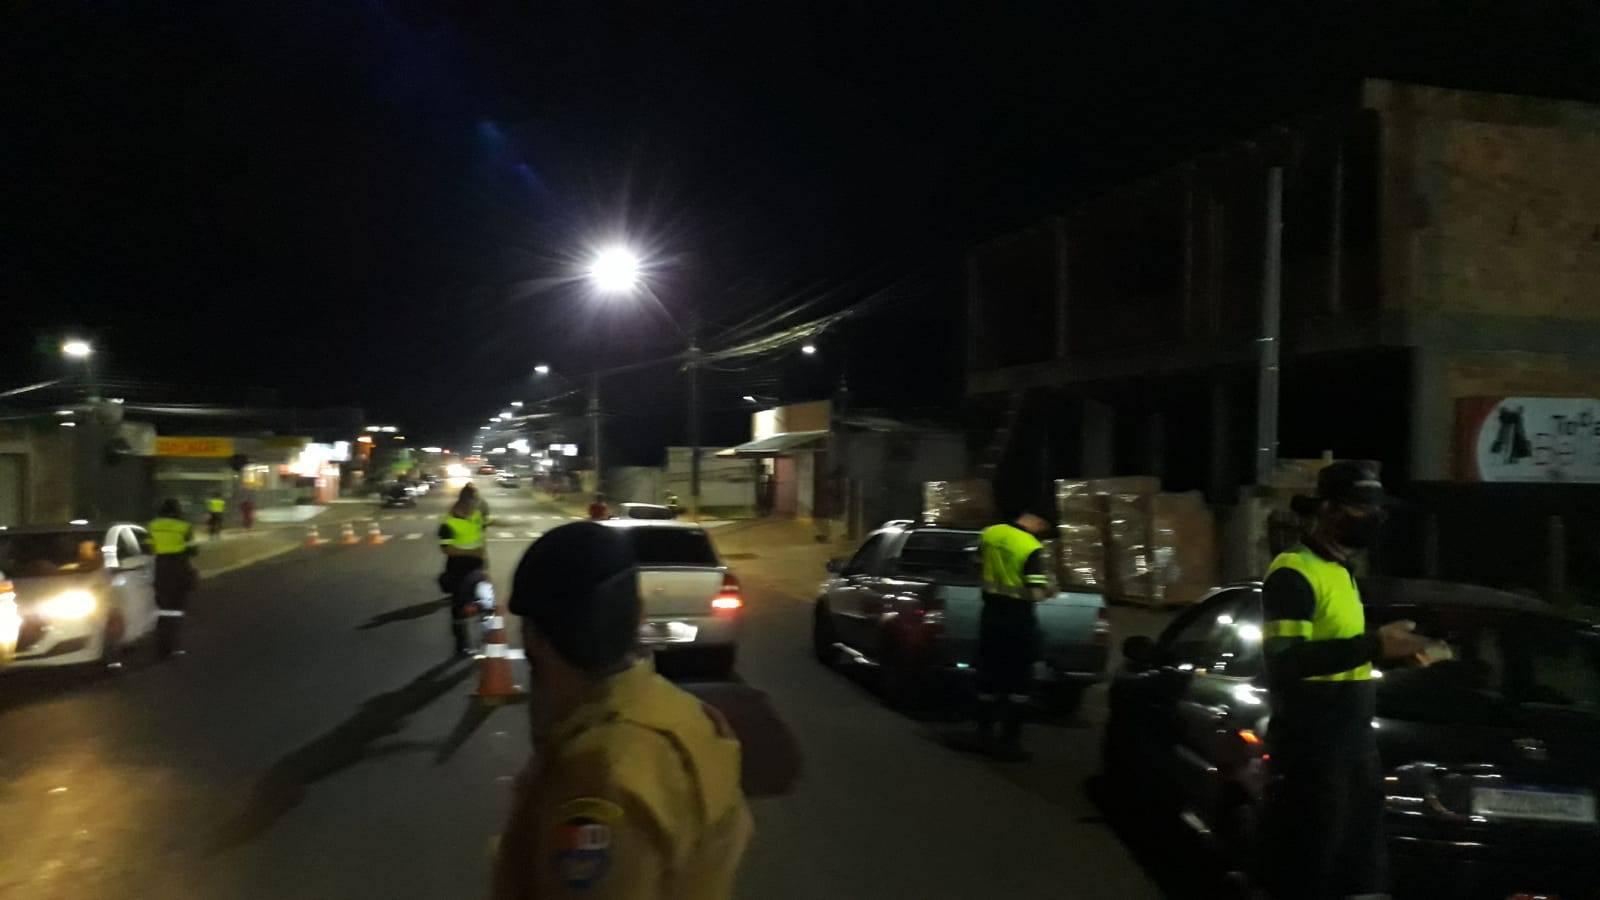 Trânsito: Quatro condutores são presos por embriaguez ao volante em operação da PM/GM e Transitar